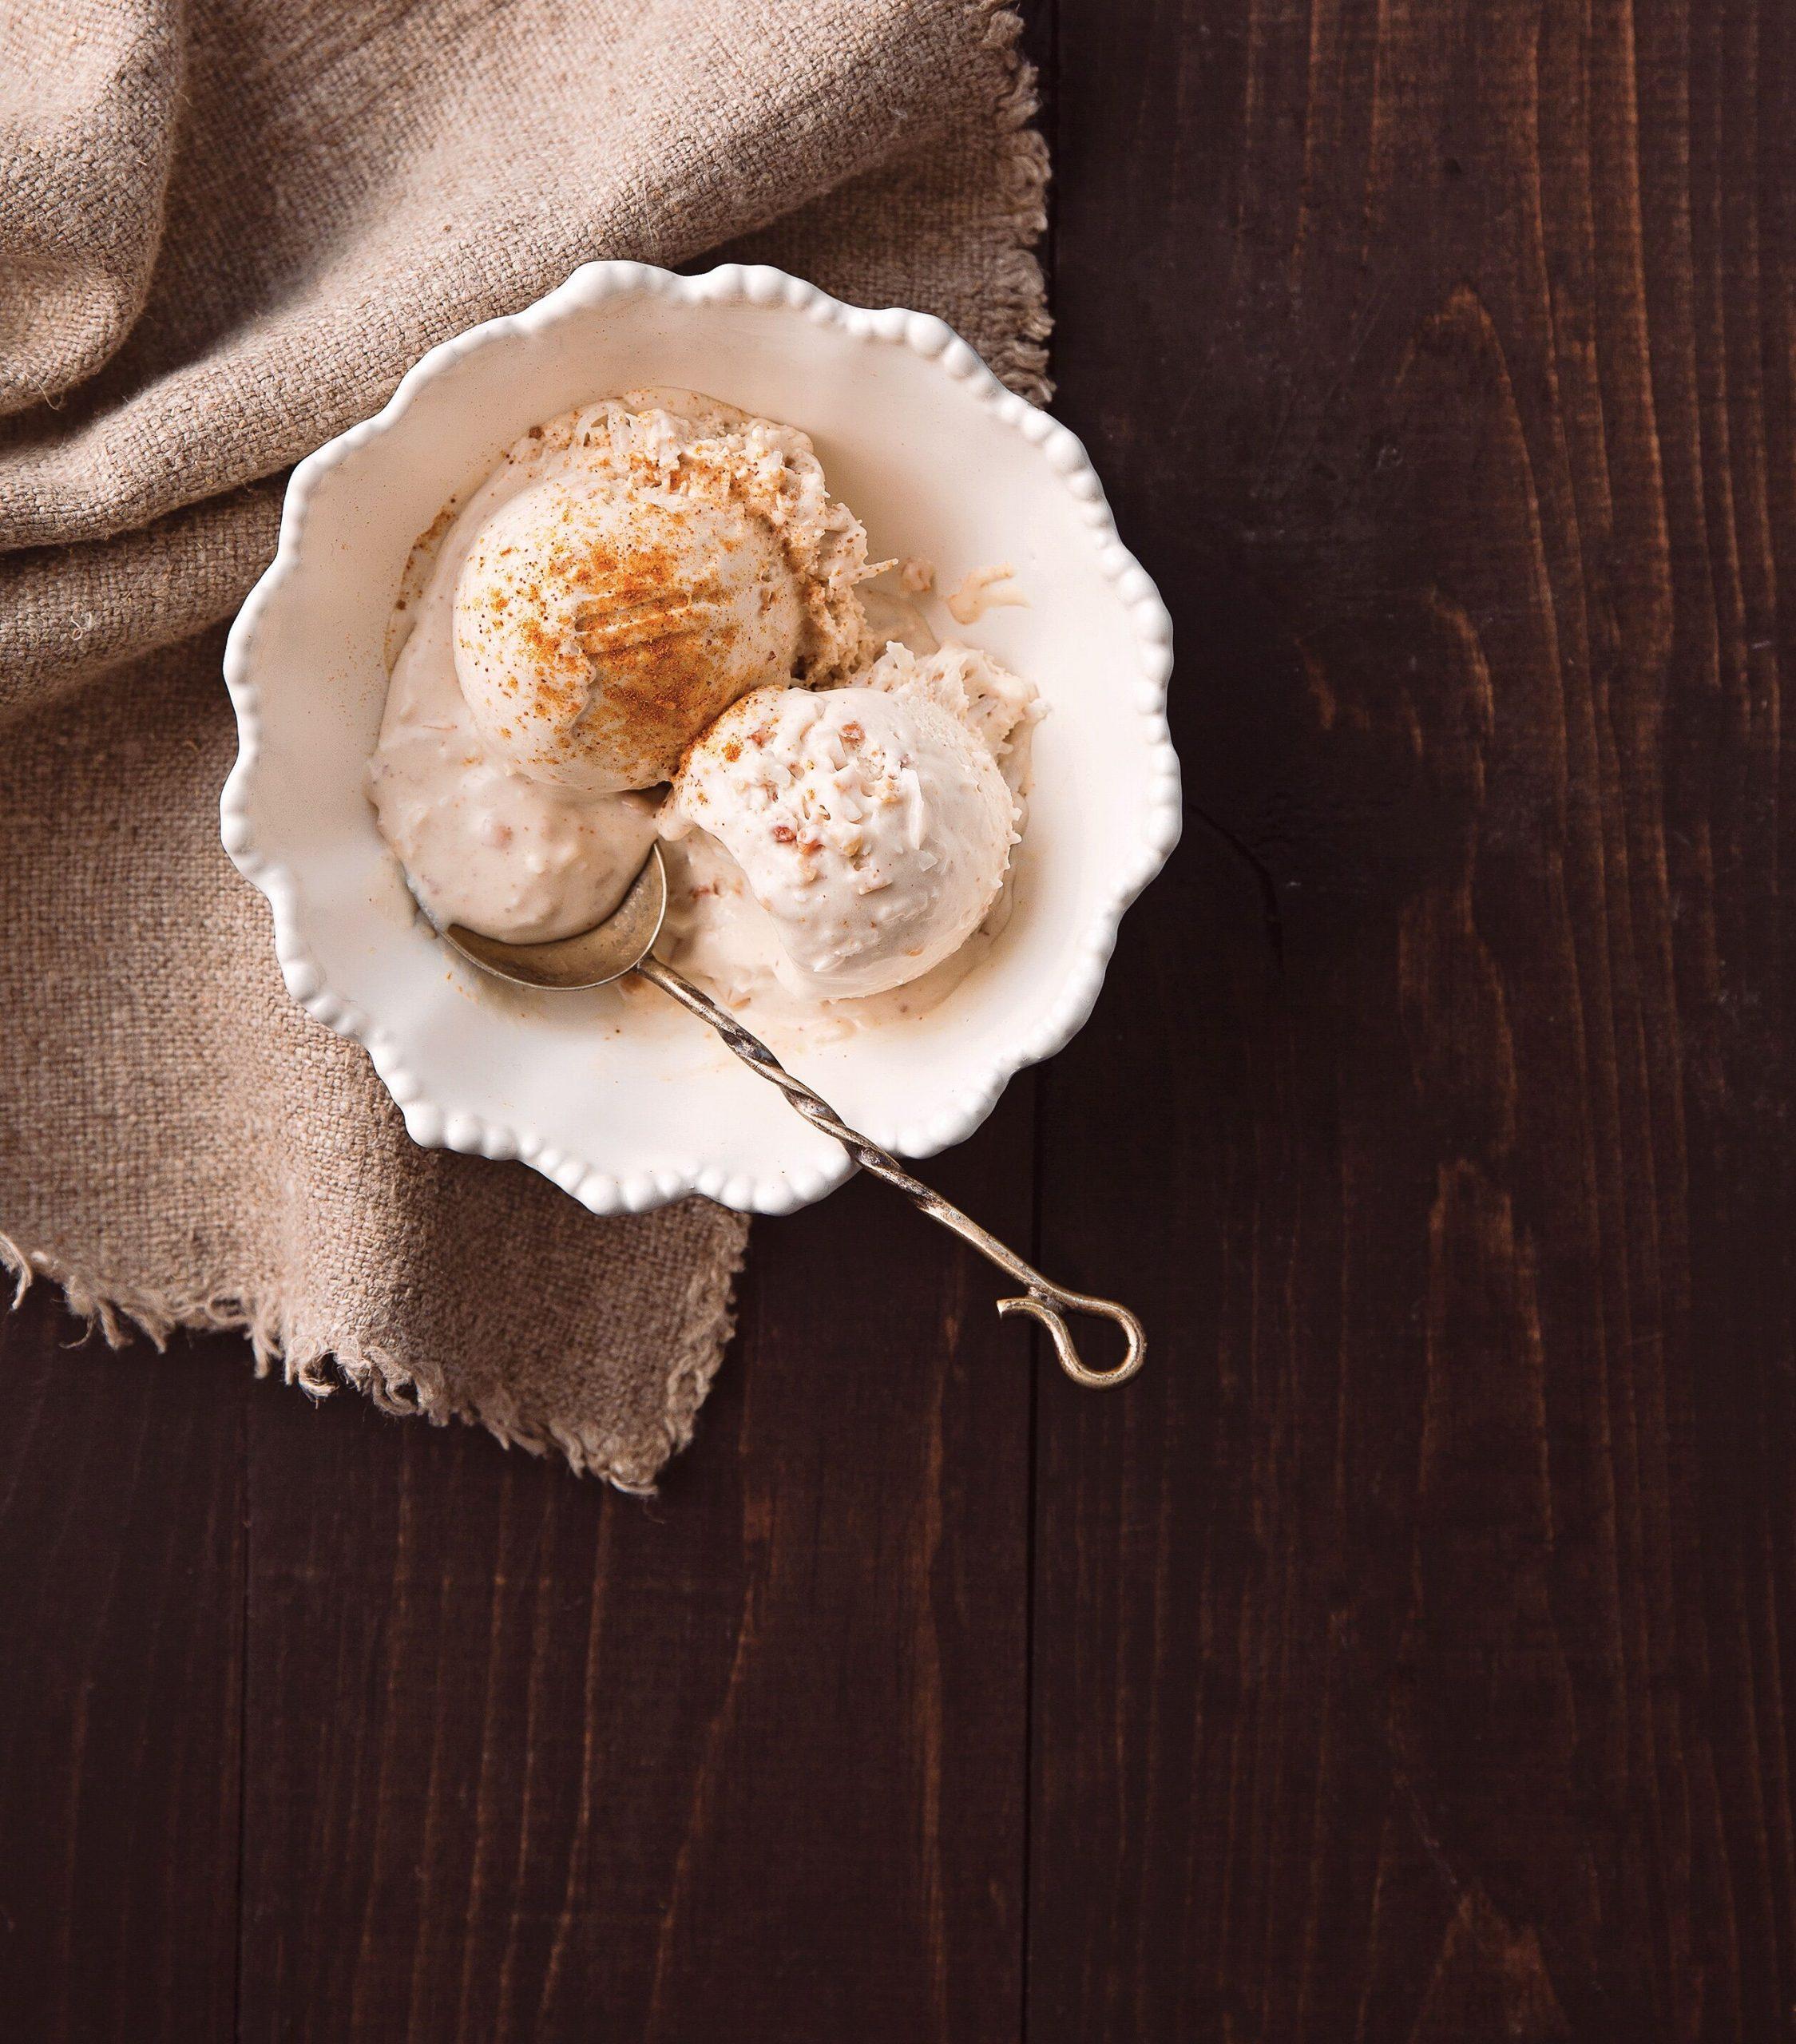 Thai Chili Peanut Ice Cream